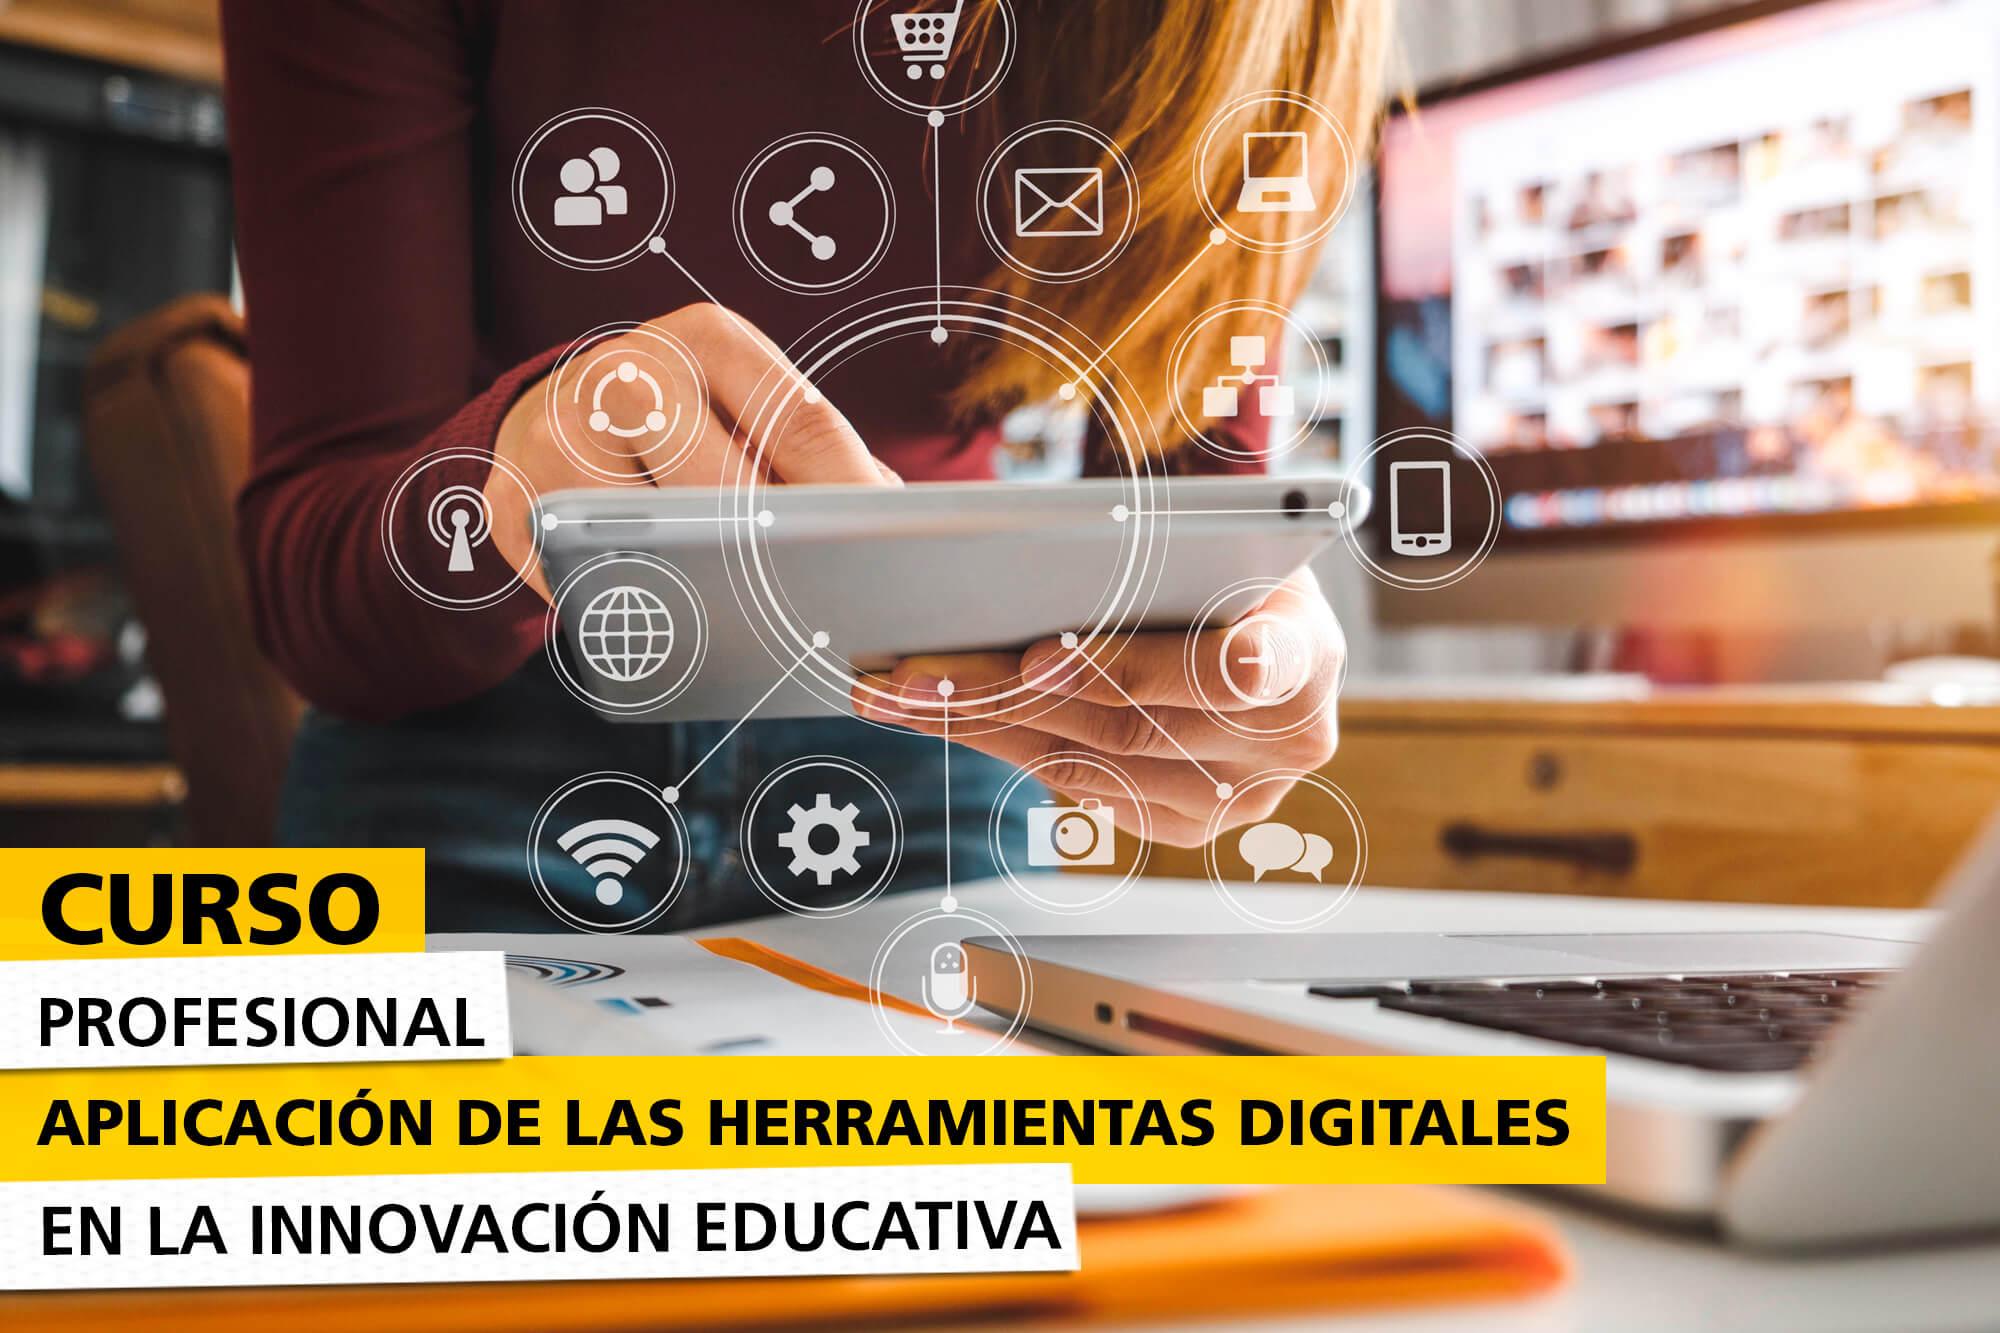 C-aplicacion-herramientas-digitales-innovacion-educativa-img-destacada